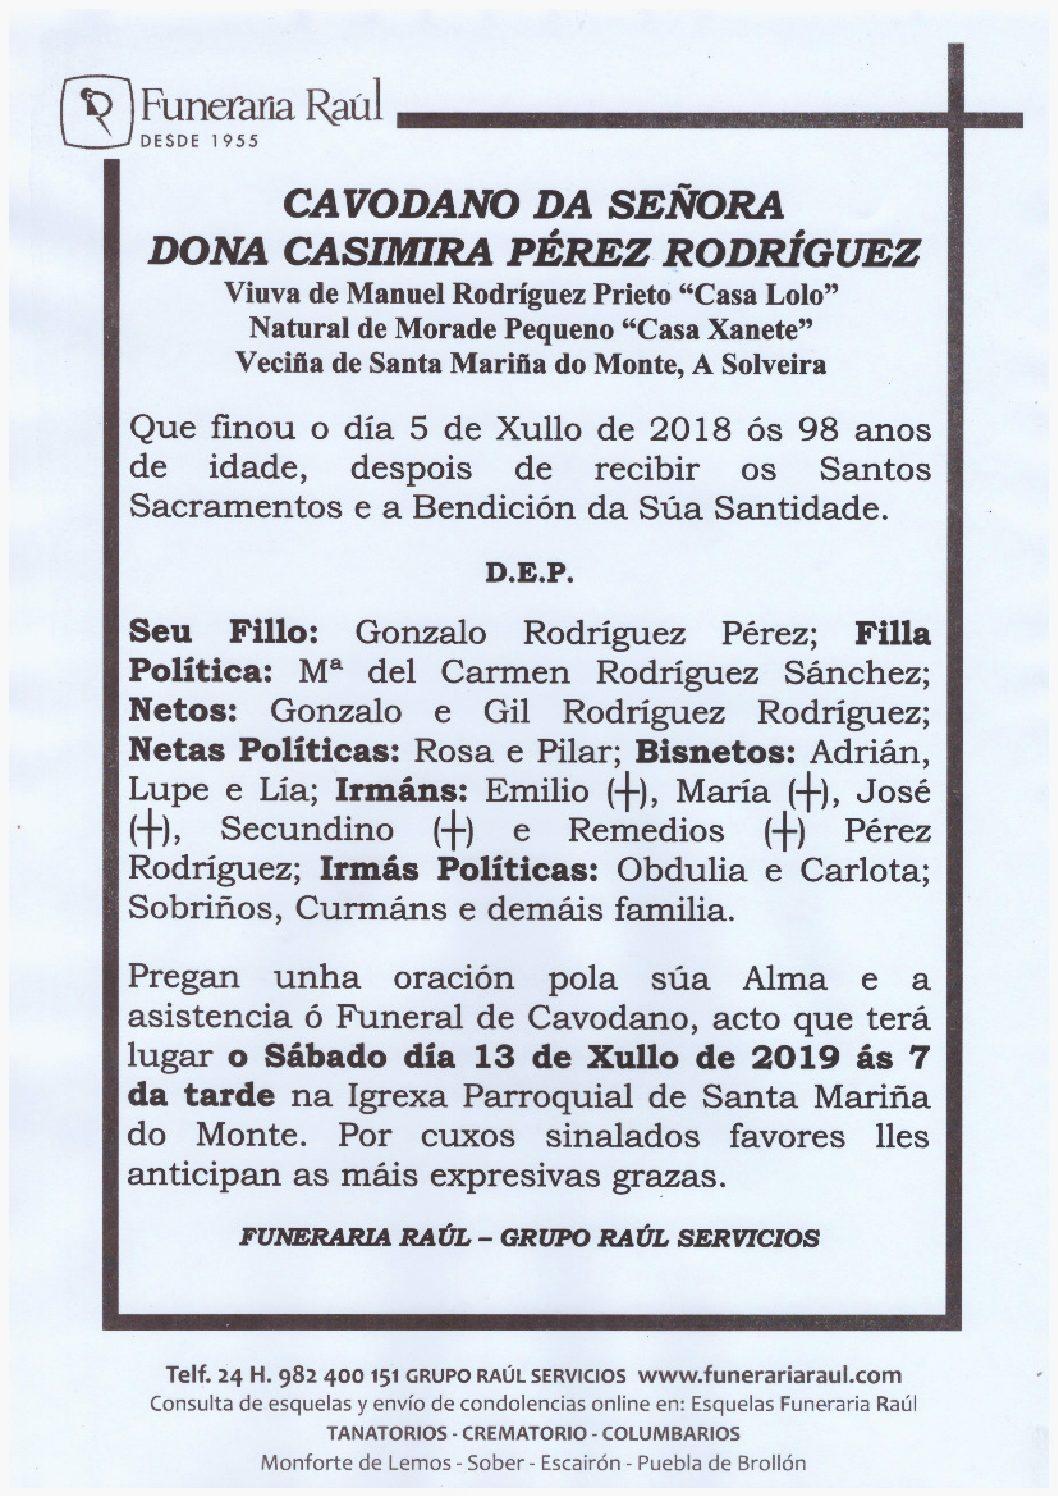 CAVODANO DE DONA CASIMIRA PEREZ RODRIGUEZ